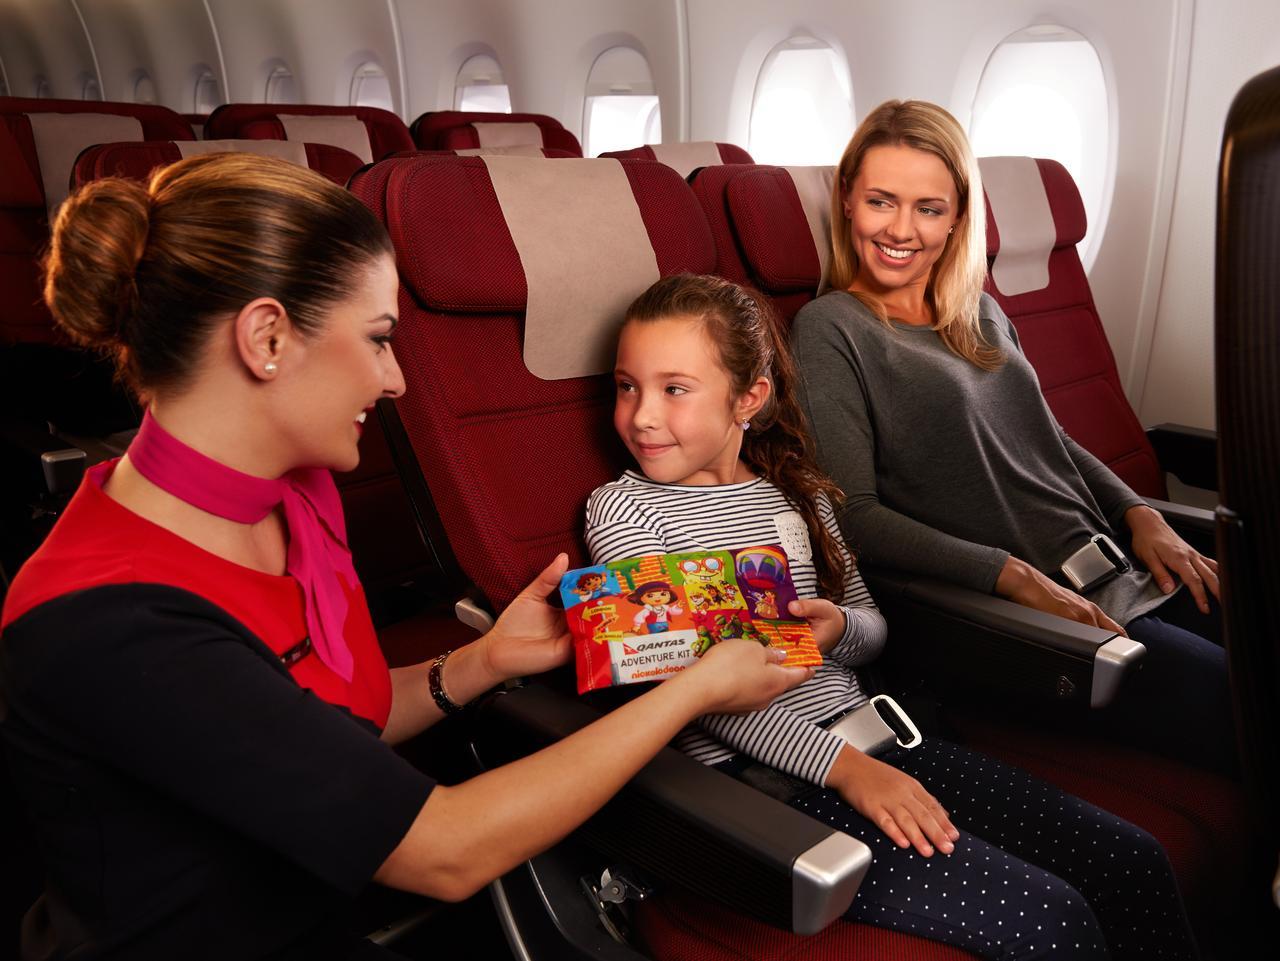 Qantas economy seats on A380 aircraft